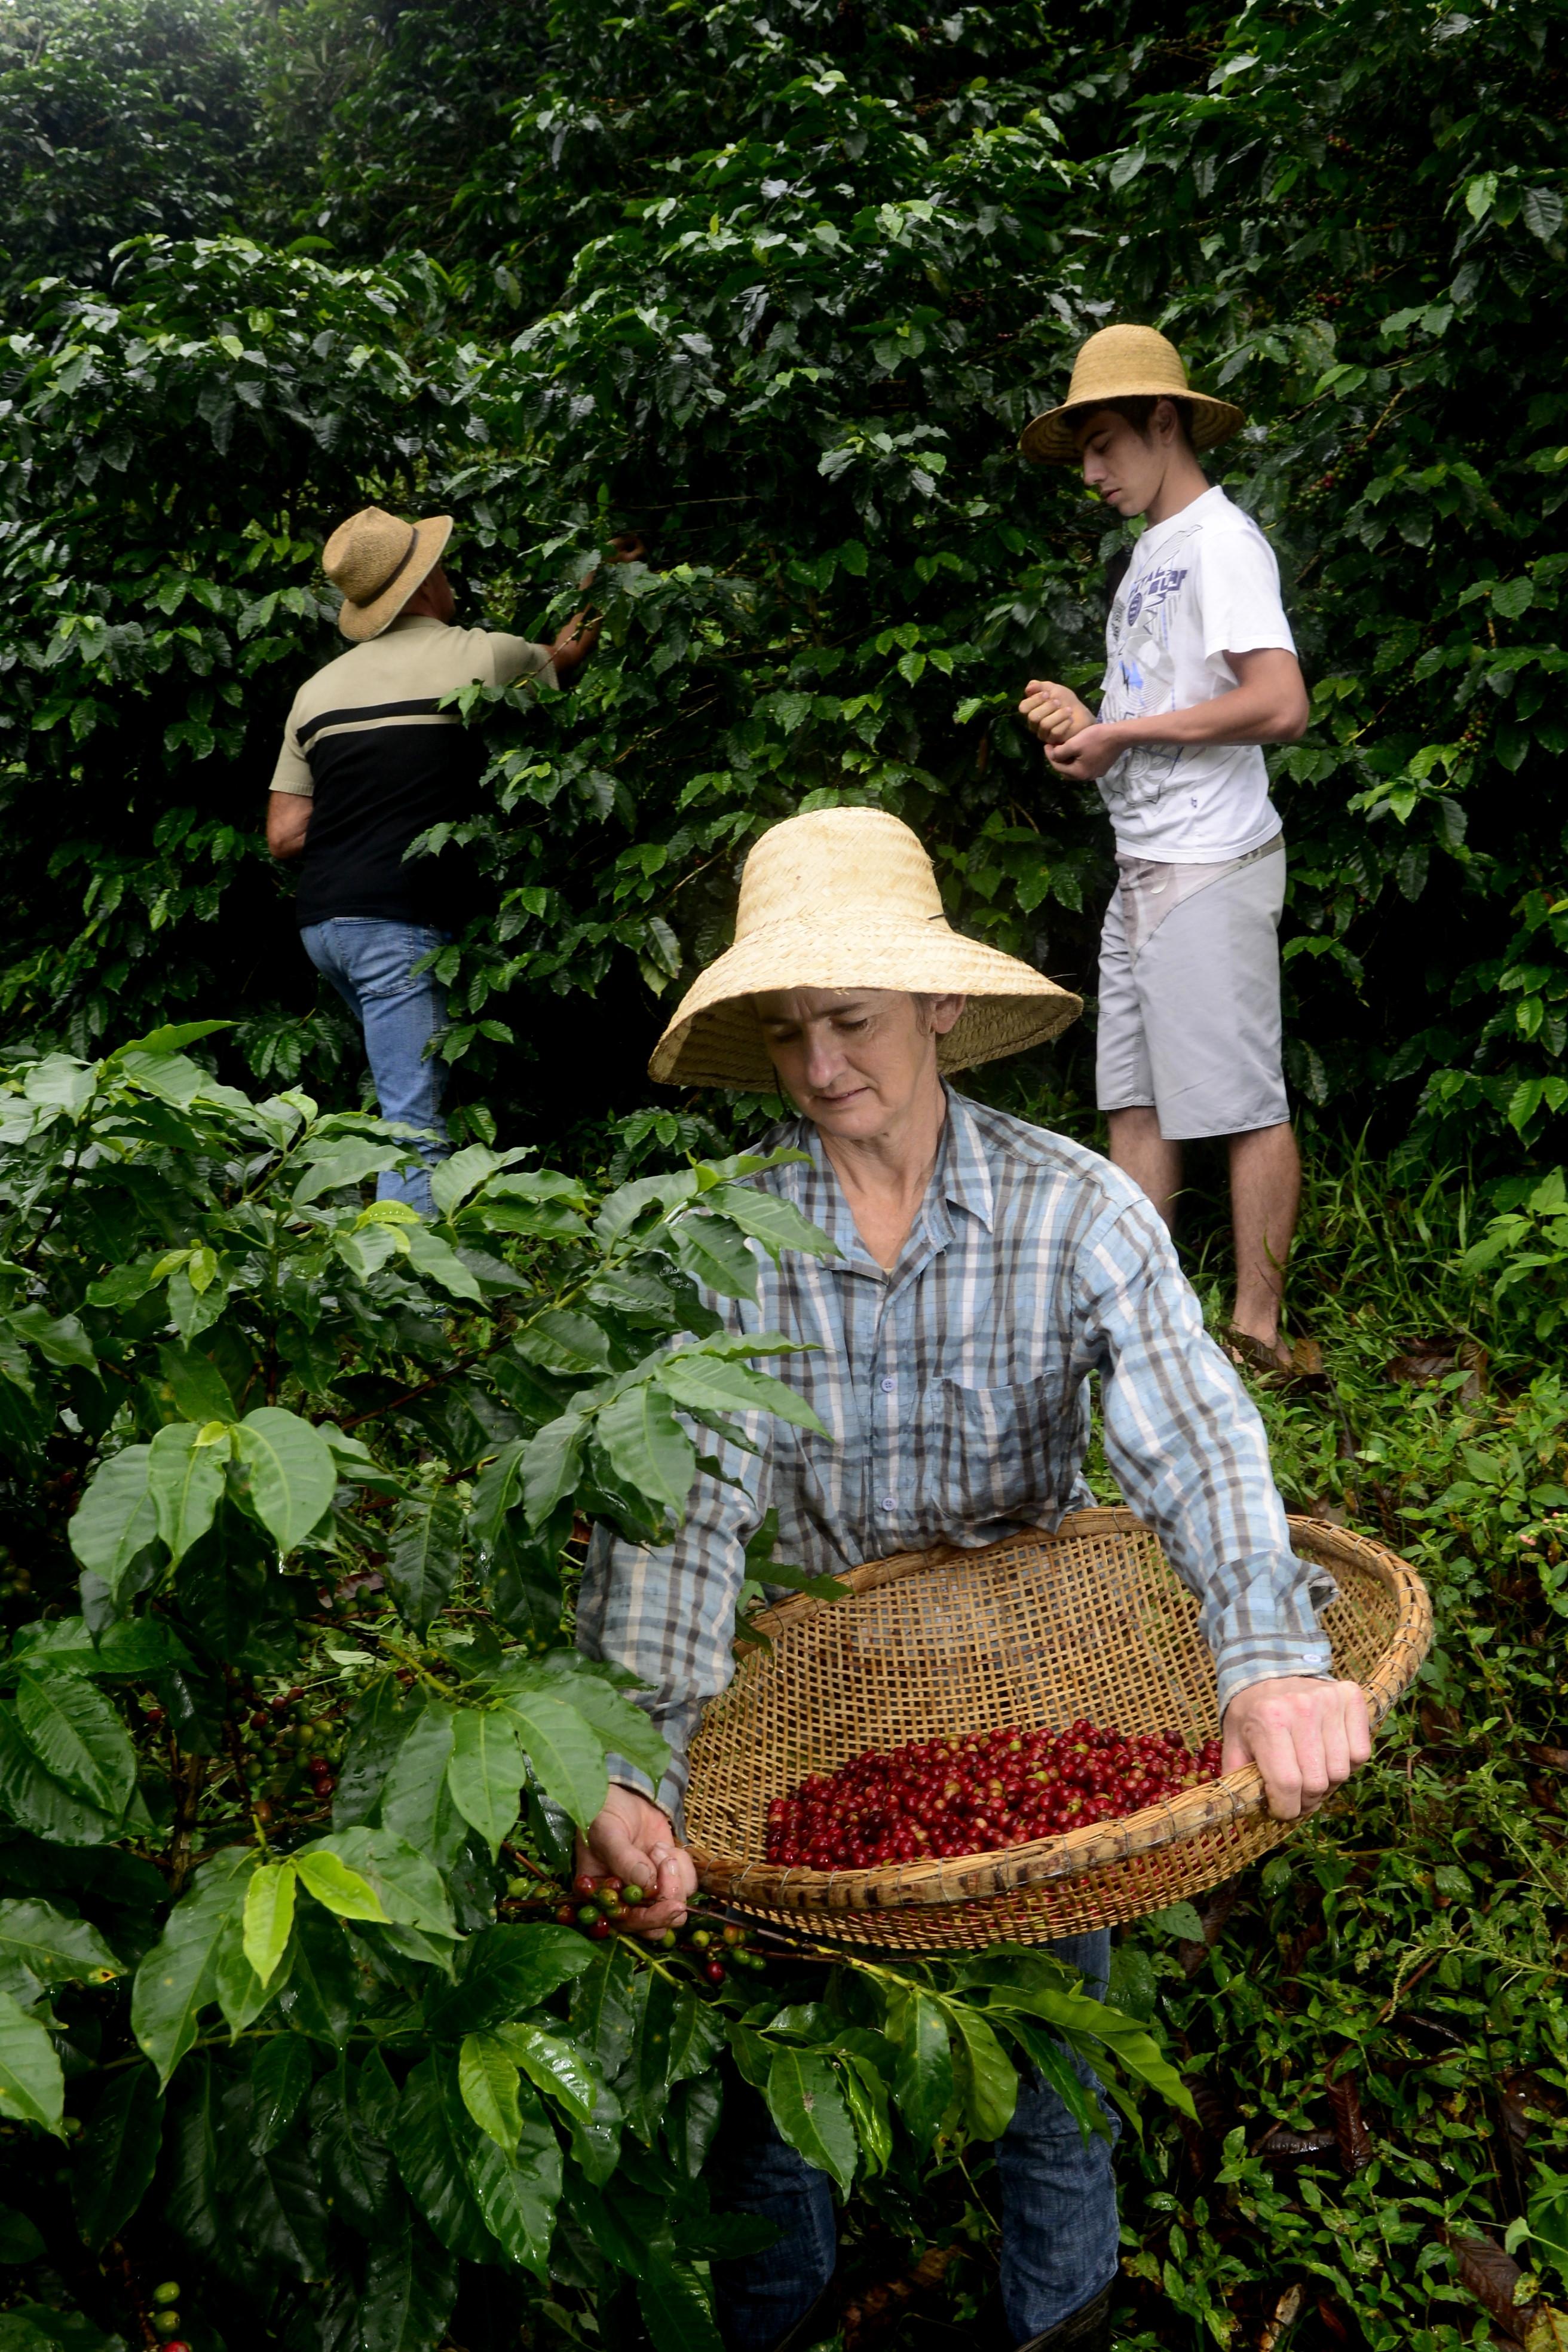 Produção cafeeira é coisa de família no Espírito Santo - 23/06/2020. Crédito: Ricardo Medeiros